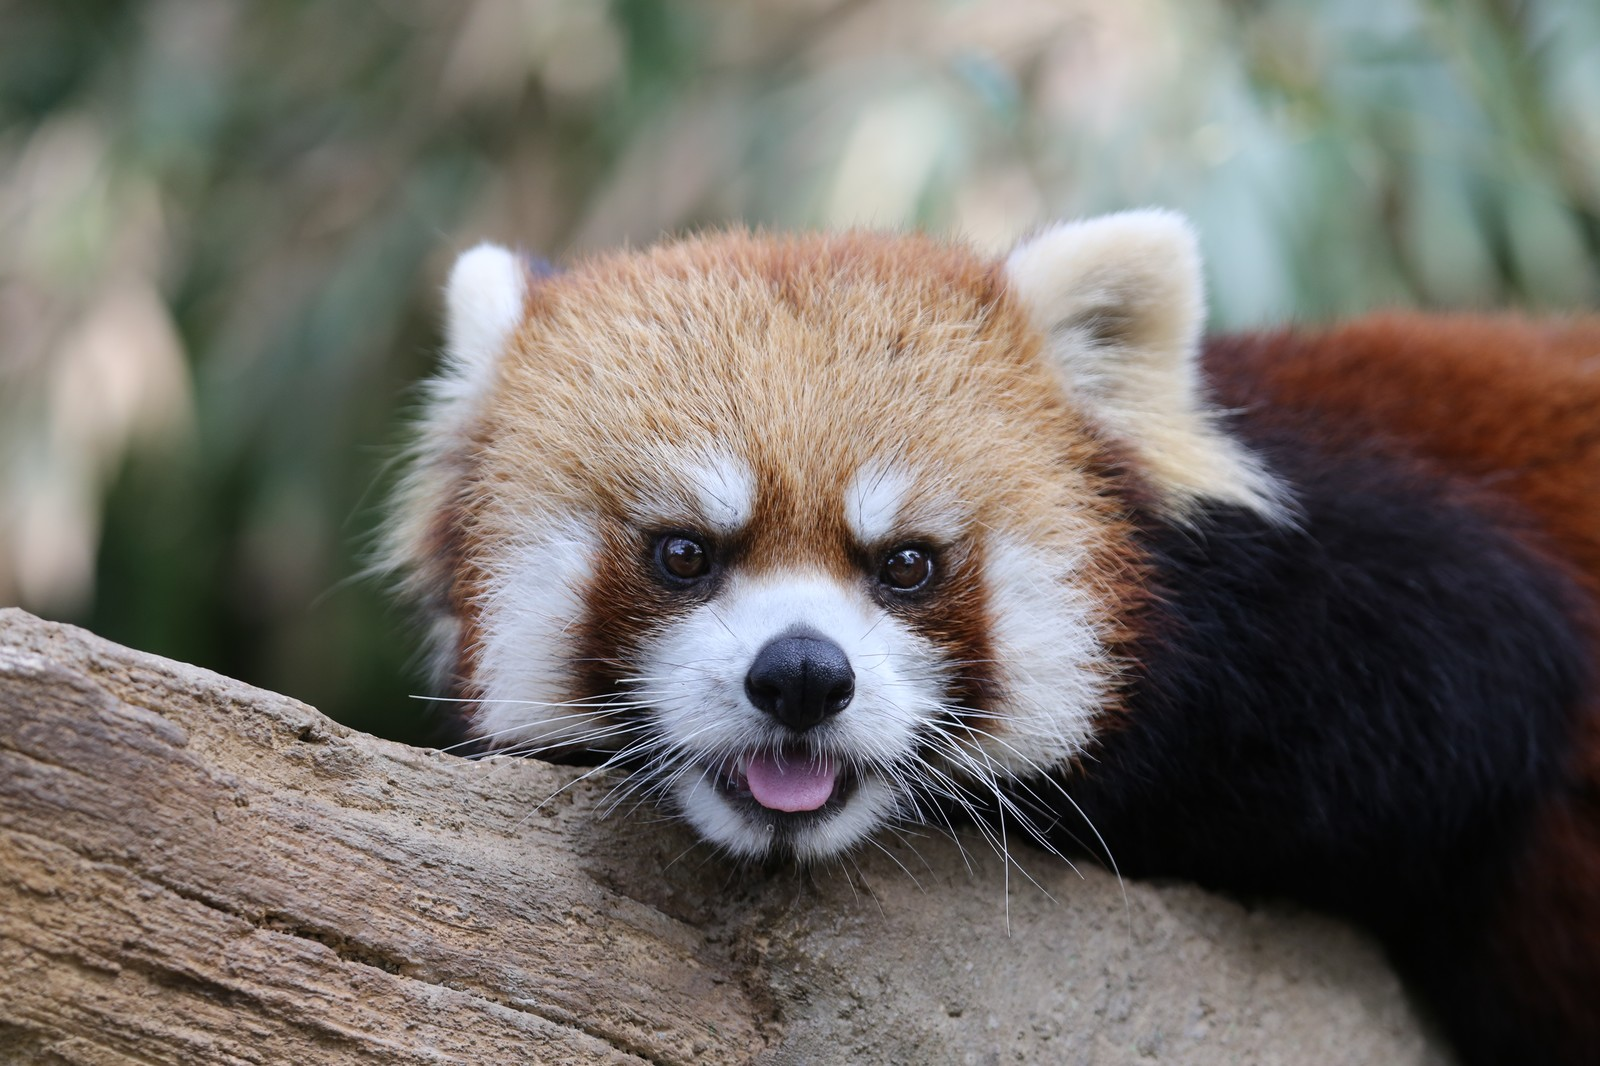 「つぶらな瞳で見つめるレッサーパンダ」の写真